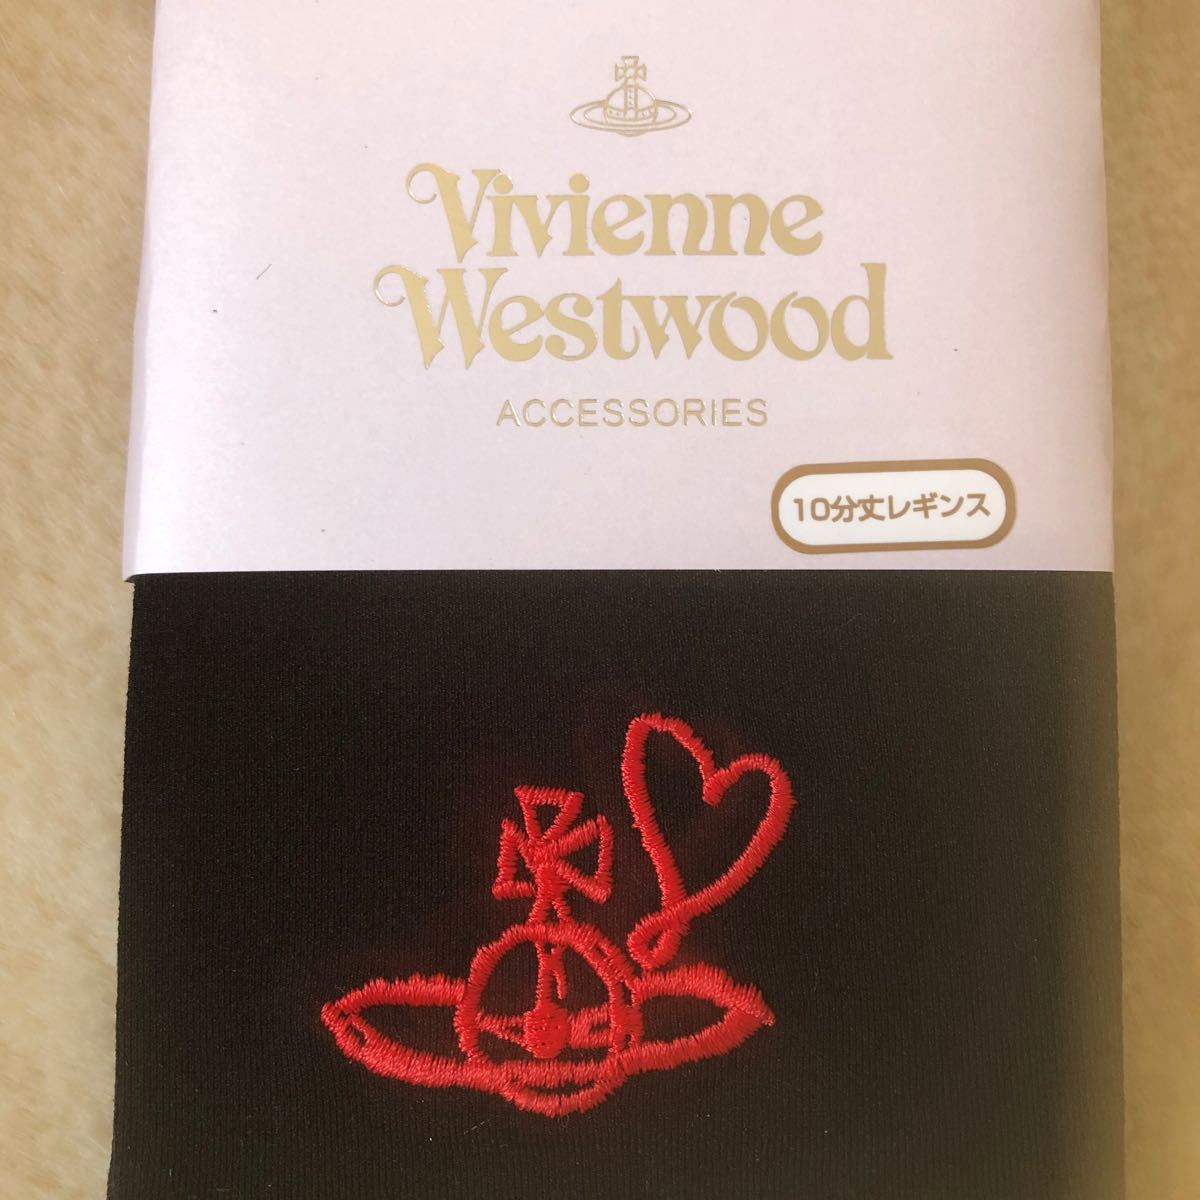 ヴィヴィアンウエストウッド Vivienne Westwood タイツ レギンス 日本製 福助